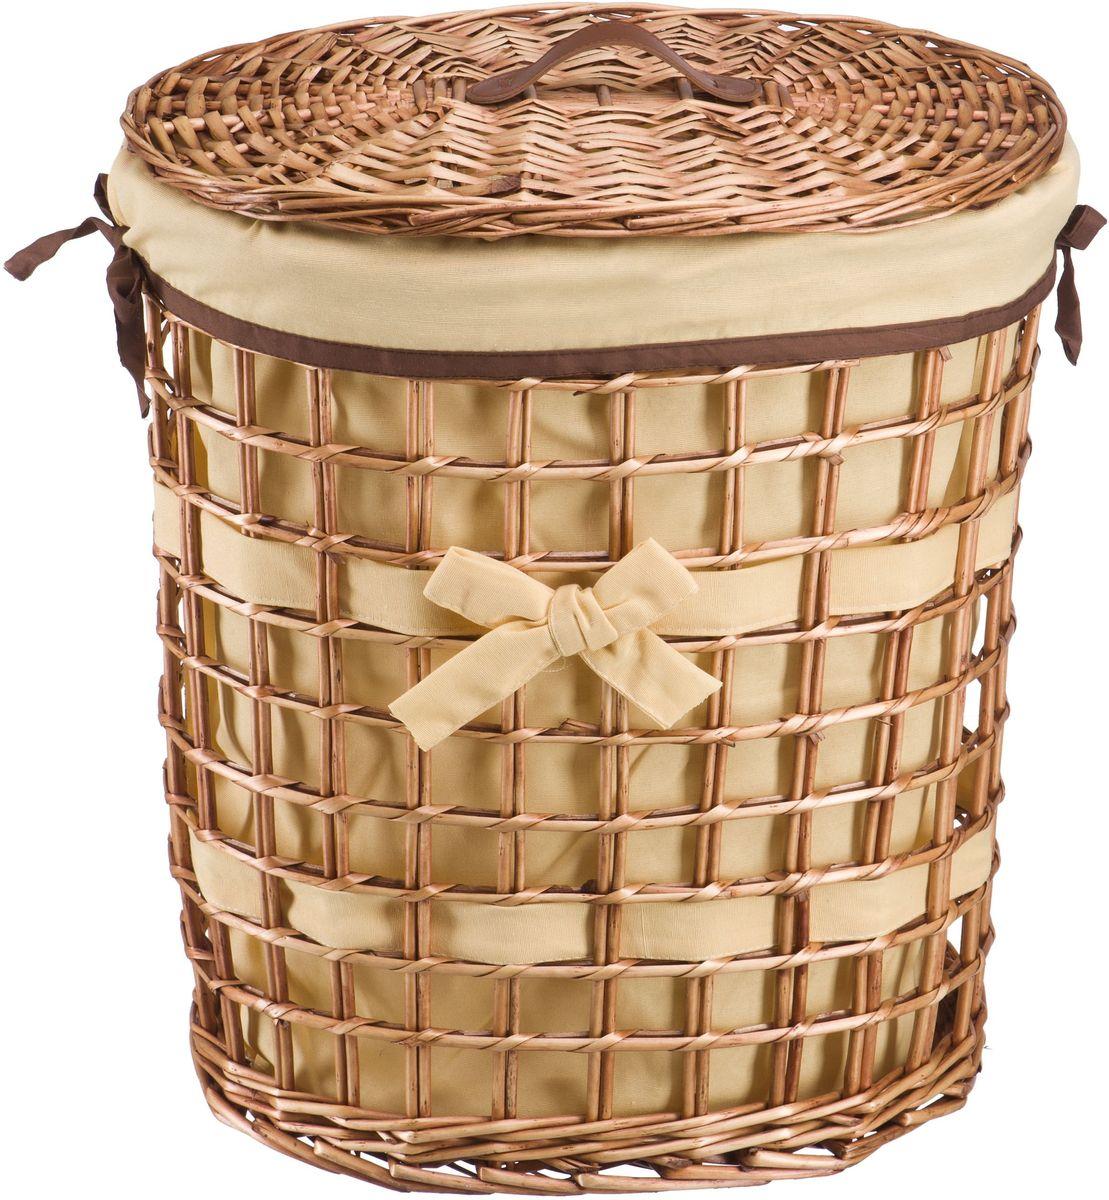 Корзина для белья Natural House Бантик, цвет: коричневый, 49 х 36 х 55 см391602Бельевая корзина из лозы ивы не только удобна, практична, но и прекрасно выглядит. Овальная форма с оригинальным декором в виде банта украсит любое пространство. Высокое качество и натуральные материалы гармонично сочетаются и создают в доме уют и теплое настроение. В комплекте с корзиной идет съемный чехол, который легко снимается и стирается.